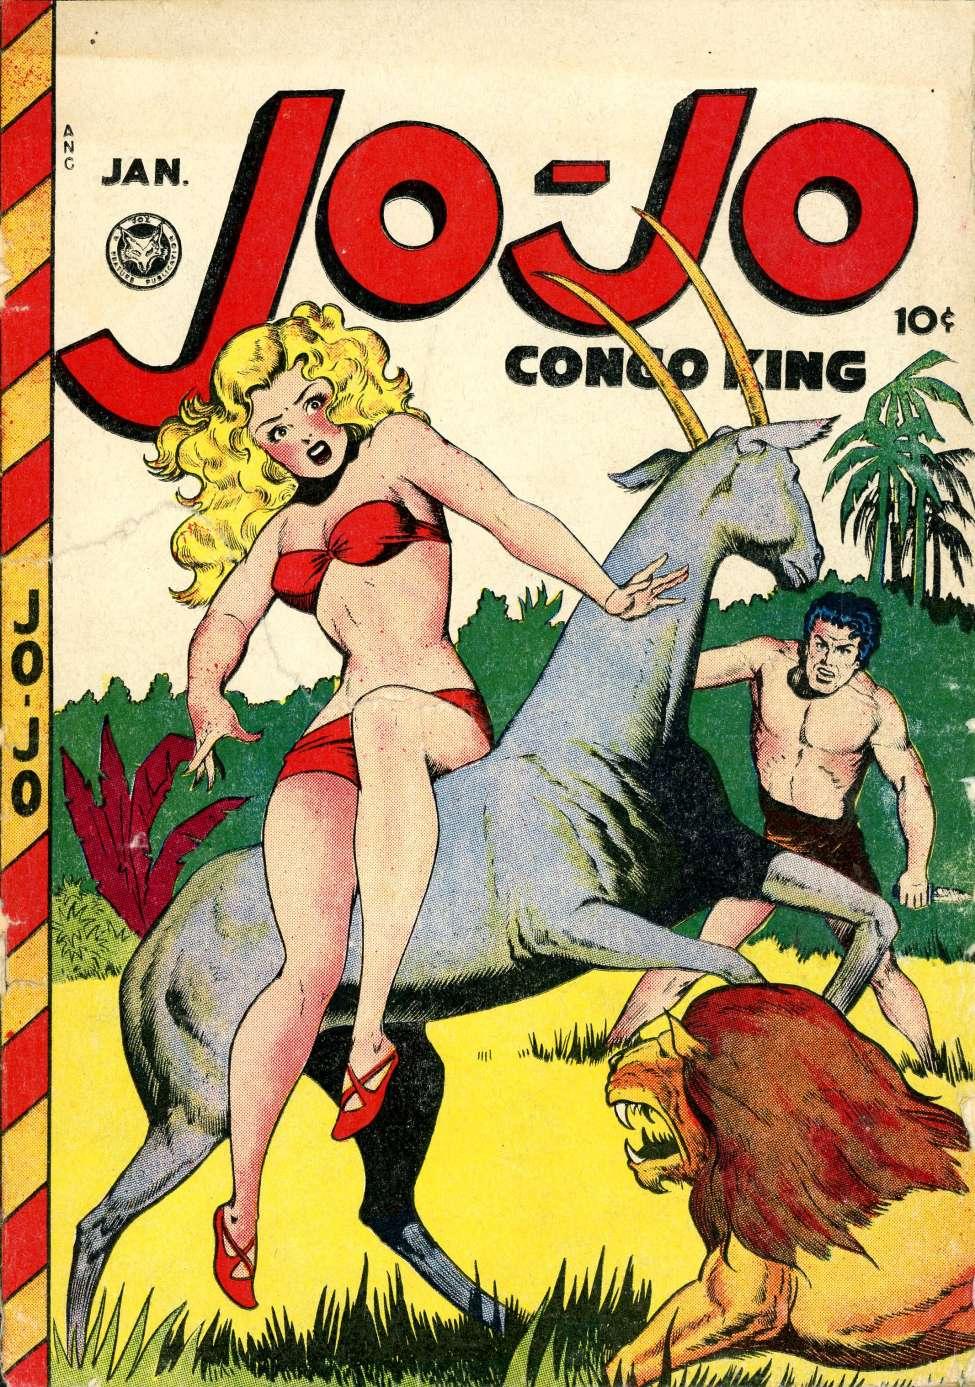 Jo-Jo Congo King #10, Fox